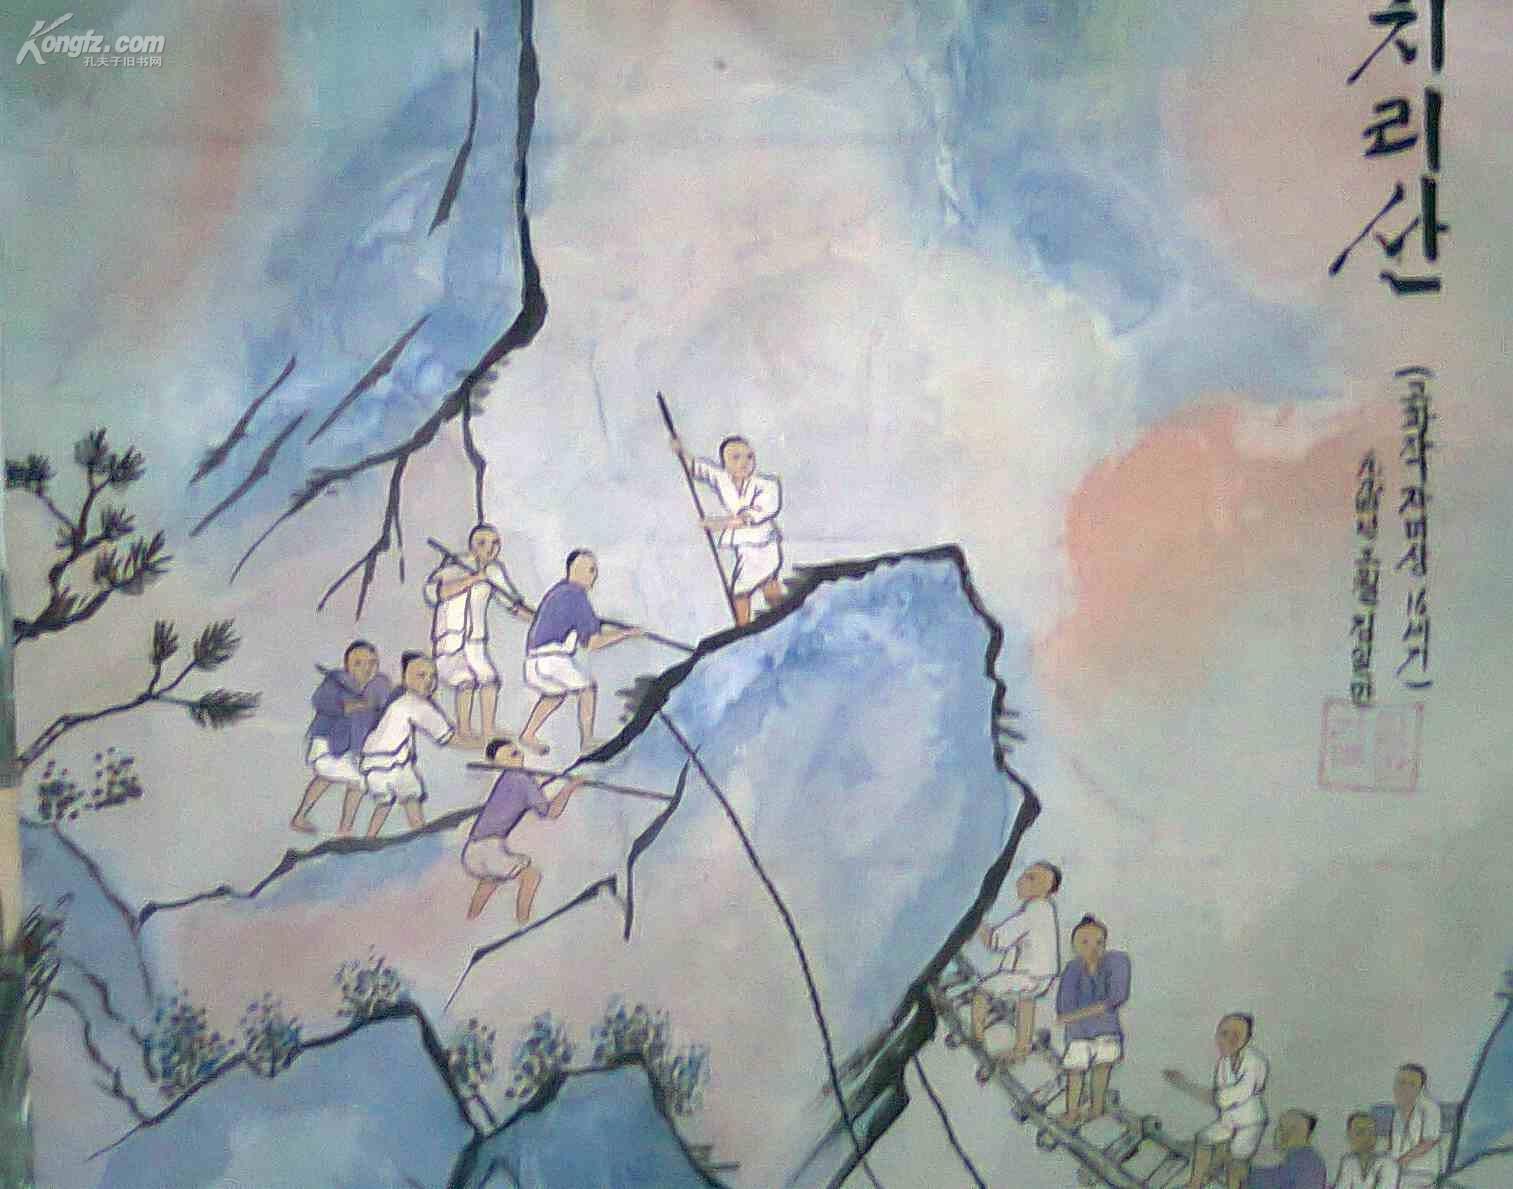 朝鲜风俗画 从朝鲜民间搜集来的,年代不详,请自鉴. 拍品编号:7073139图片